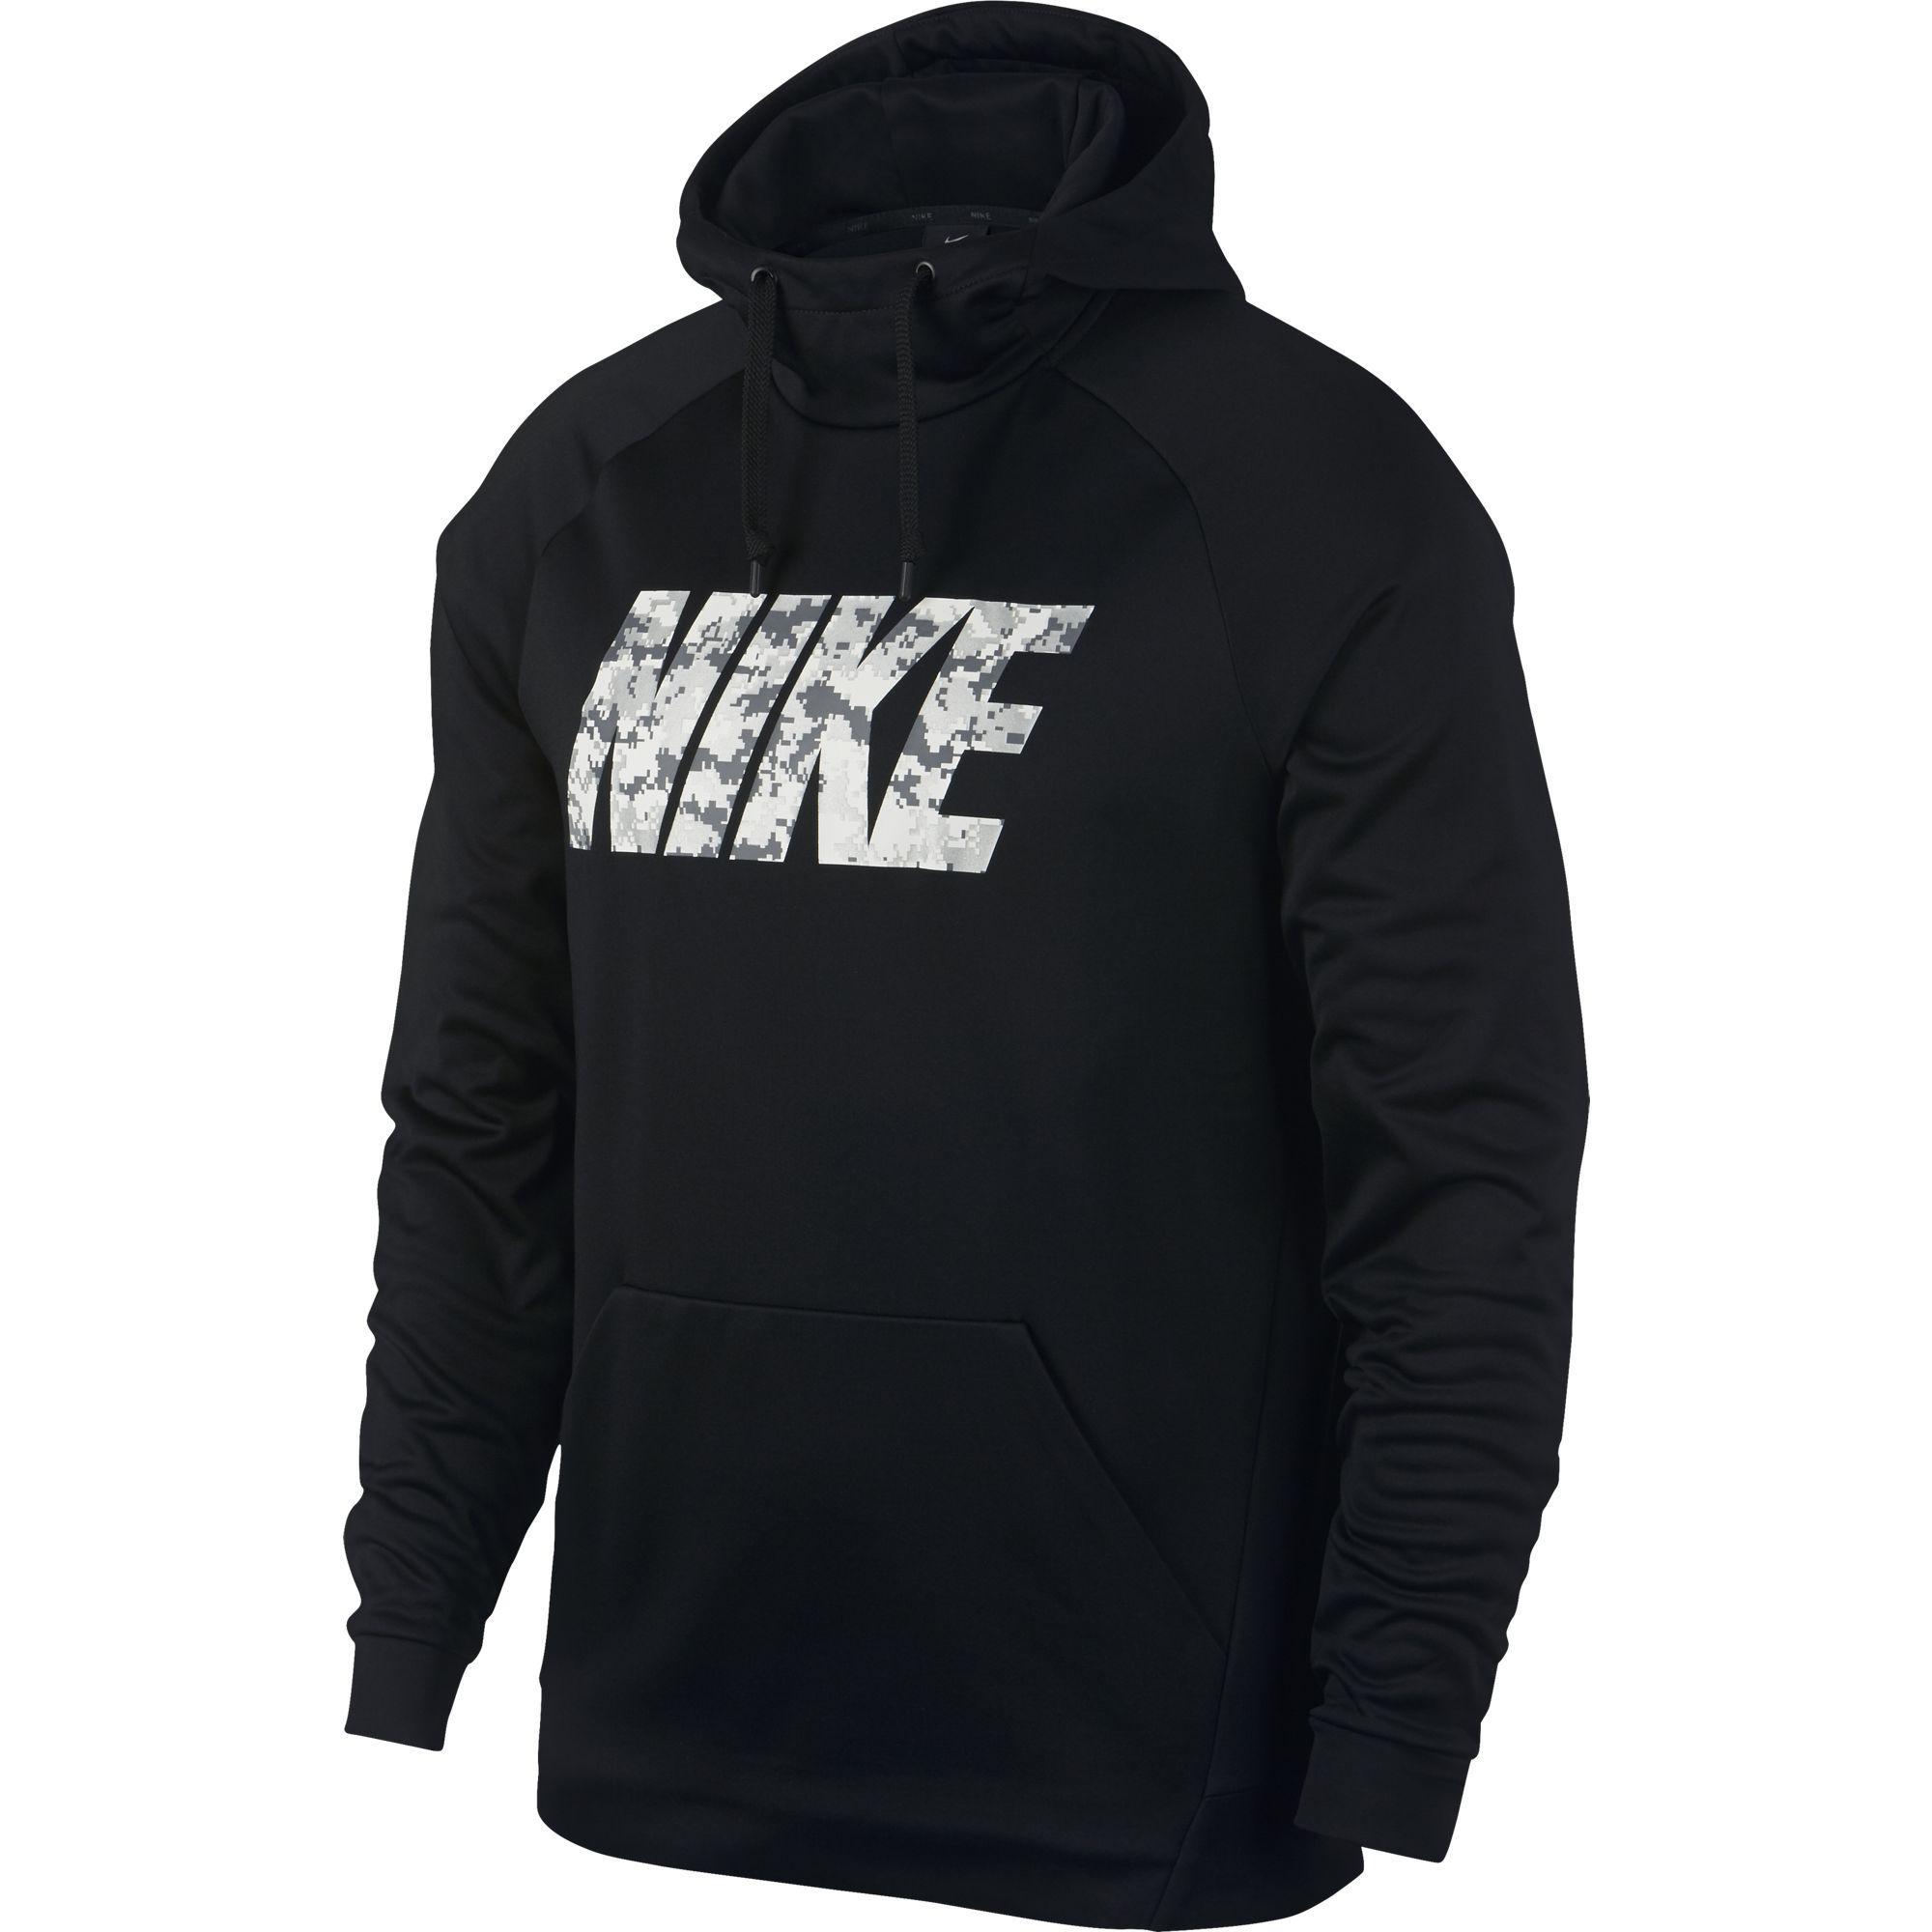 Nike Mens Therma Training Hoodie - Black - Tennisnuts.com